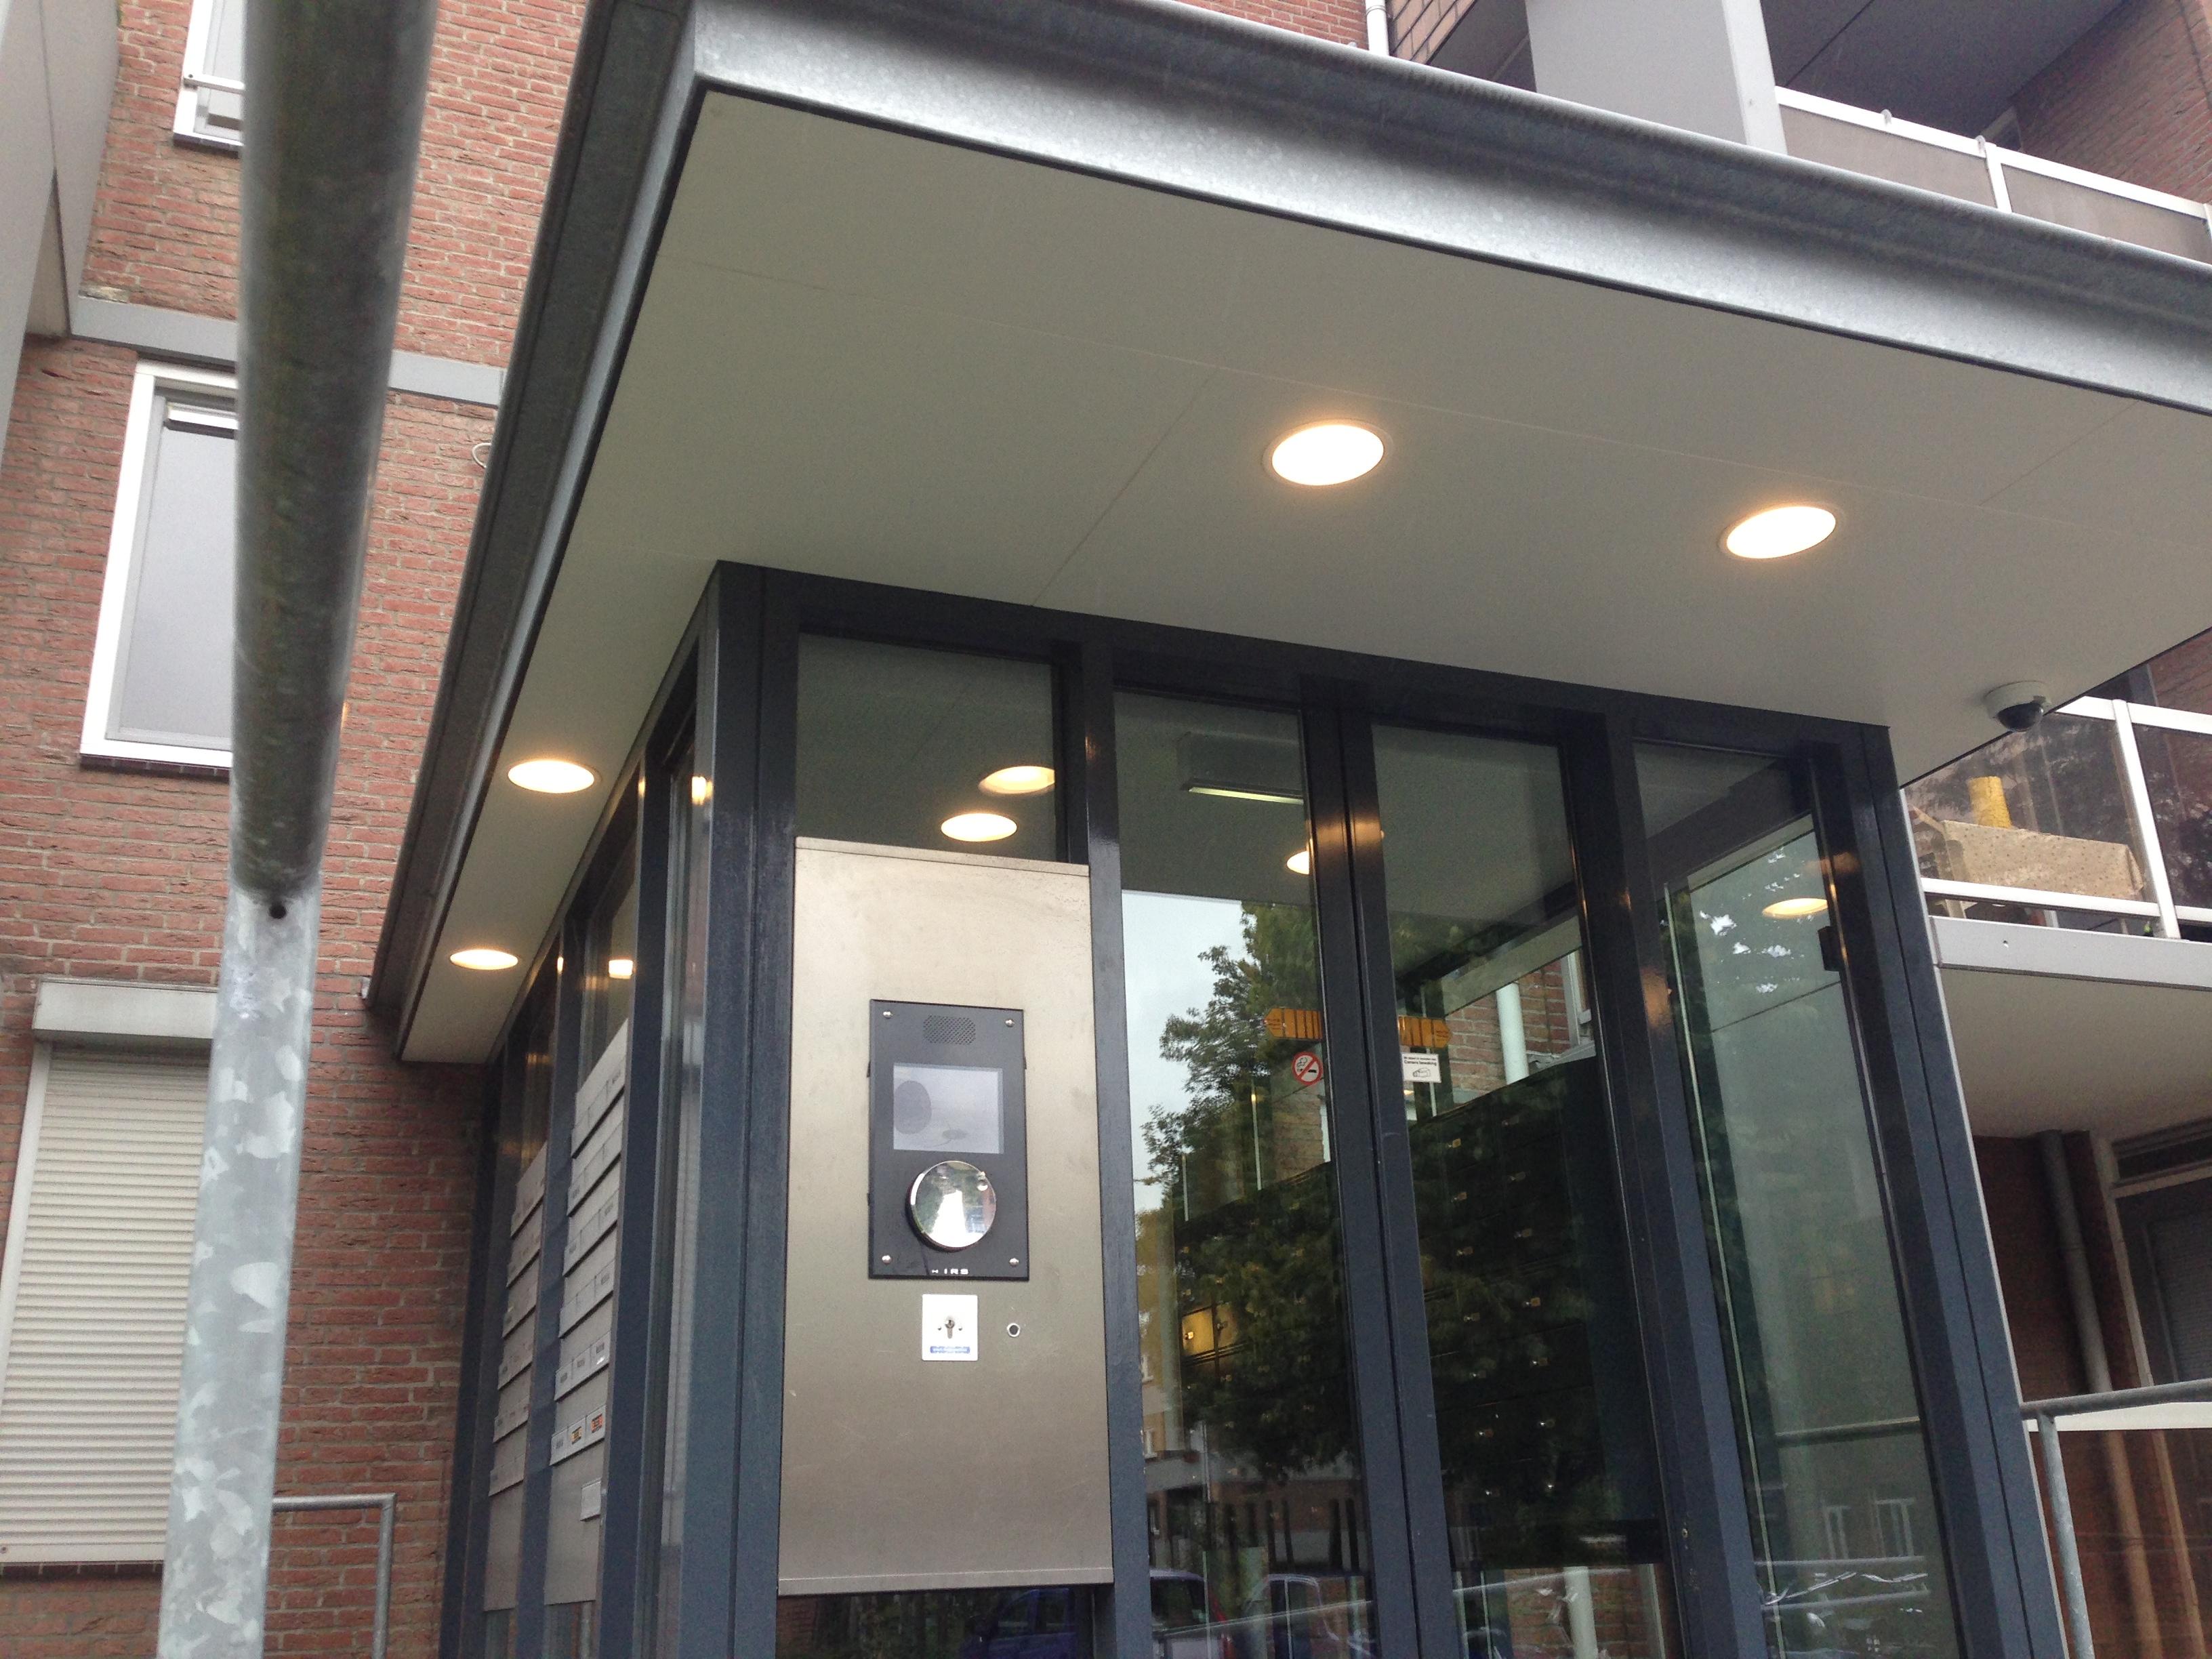 Installatie LED Verlichting | Klusservice van Galen